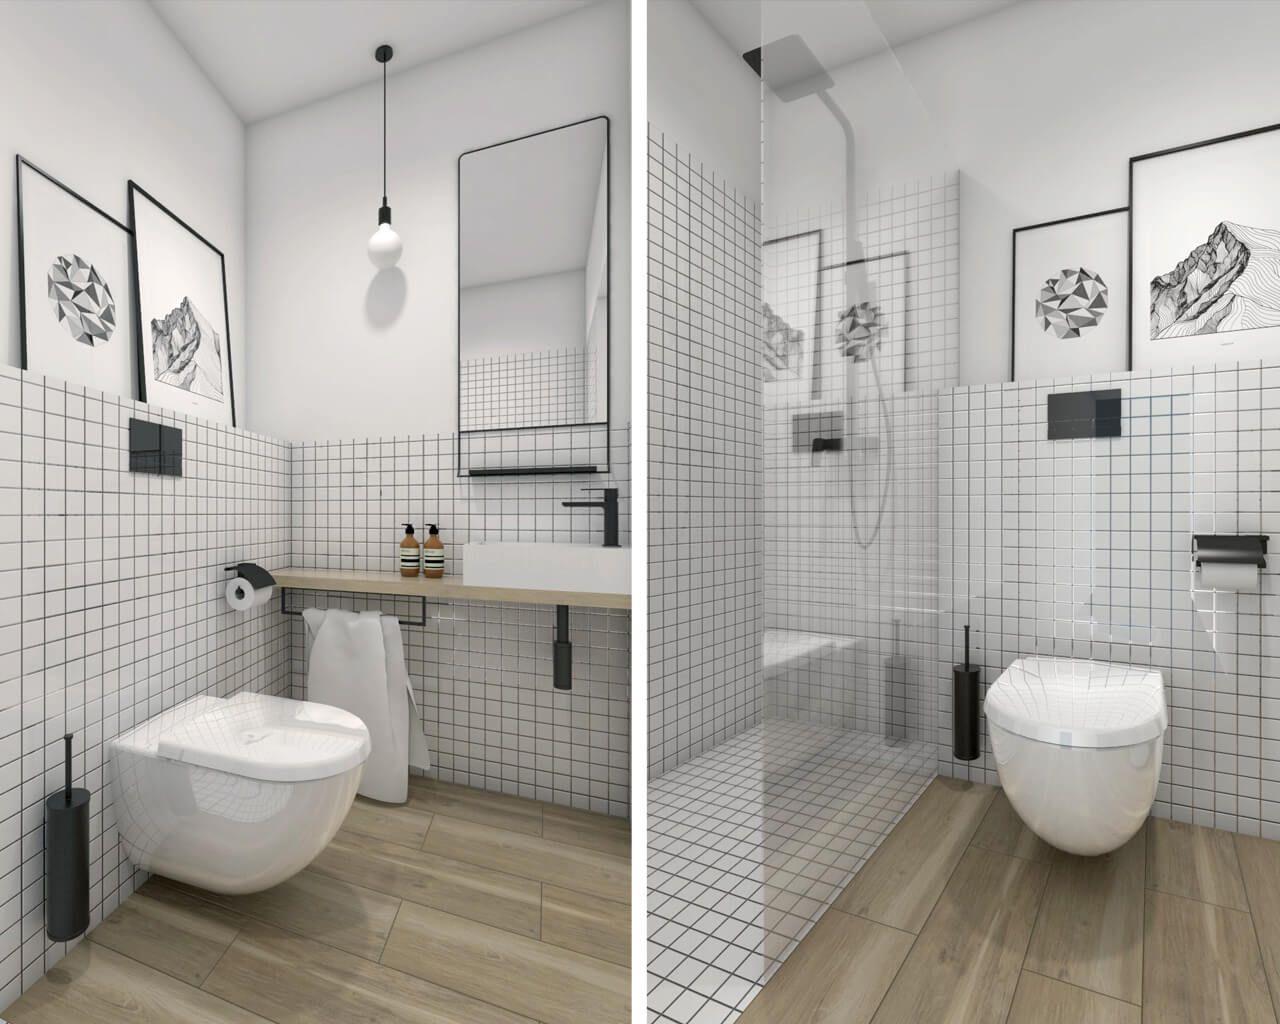 Aranżacja małej łazienki dla gości w domu jednorodzinnym ...